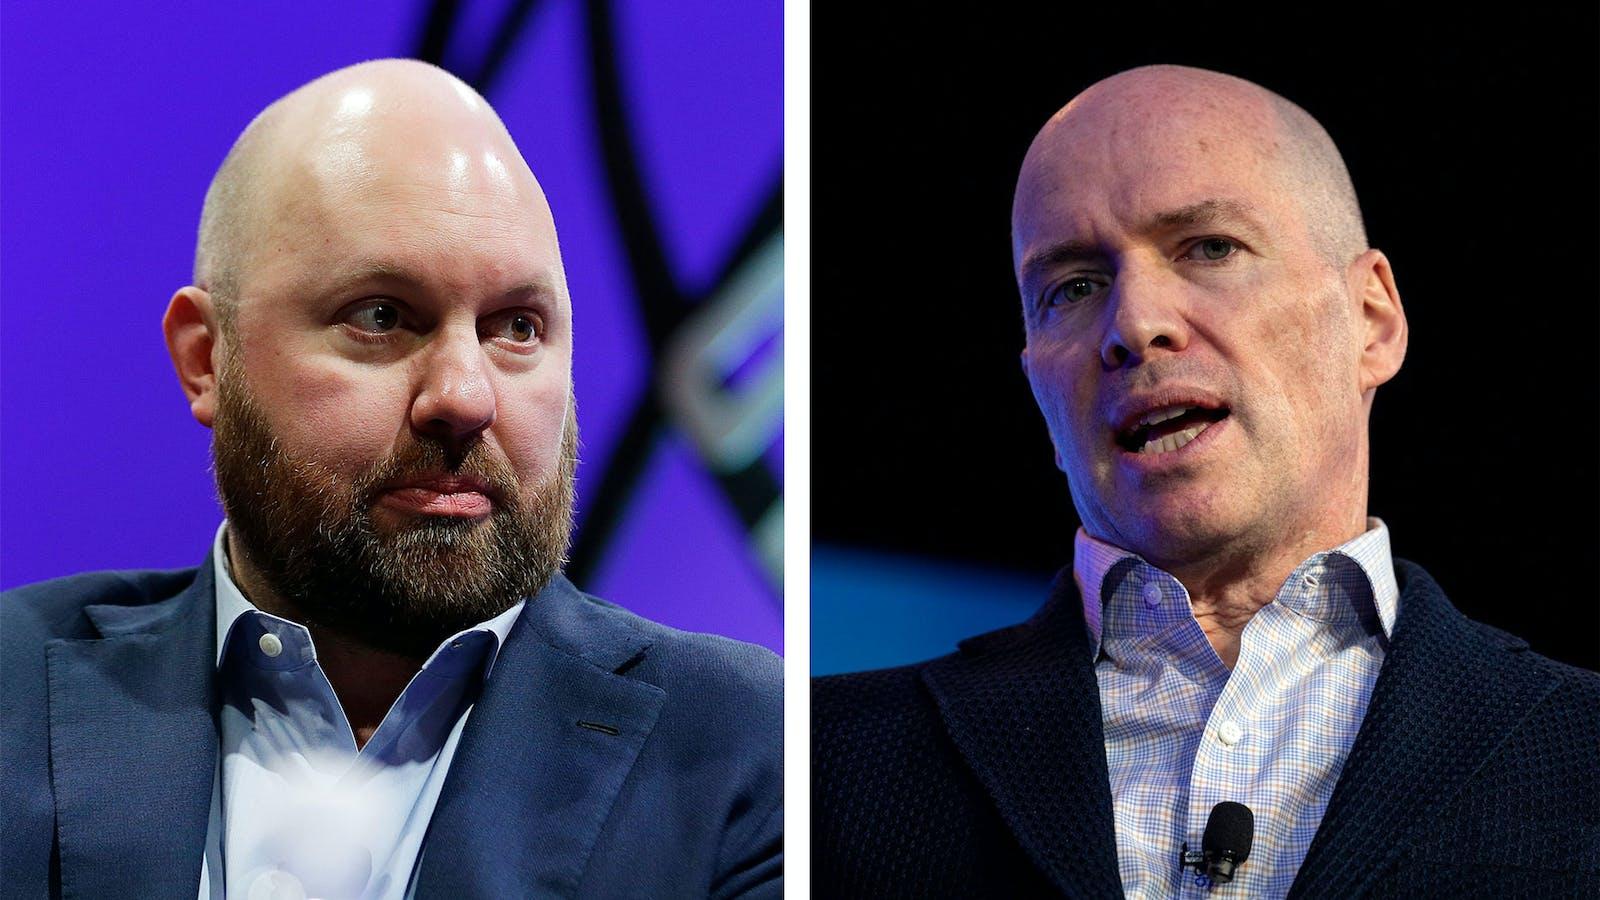 Andreessen Horowitz co-founders Marc Andreessen (left) and Ben Horowitz. Photo by Bloomberg.